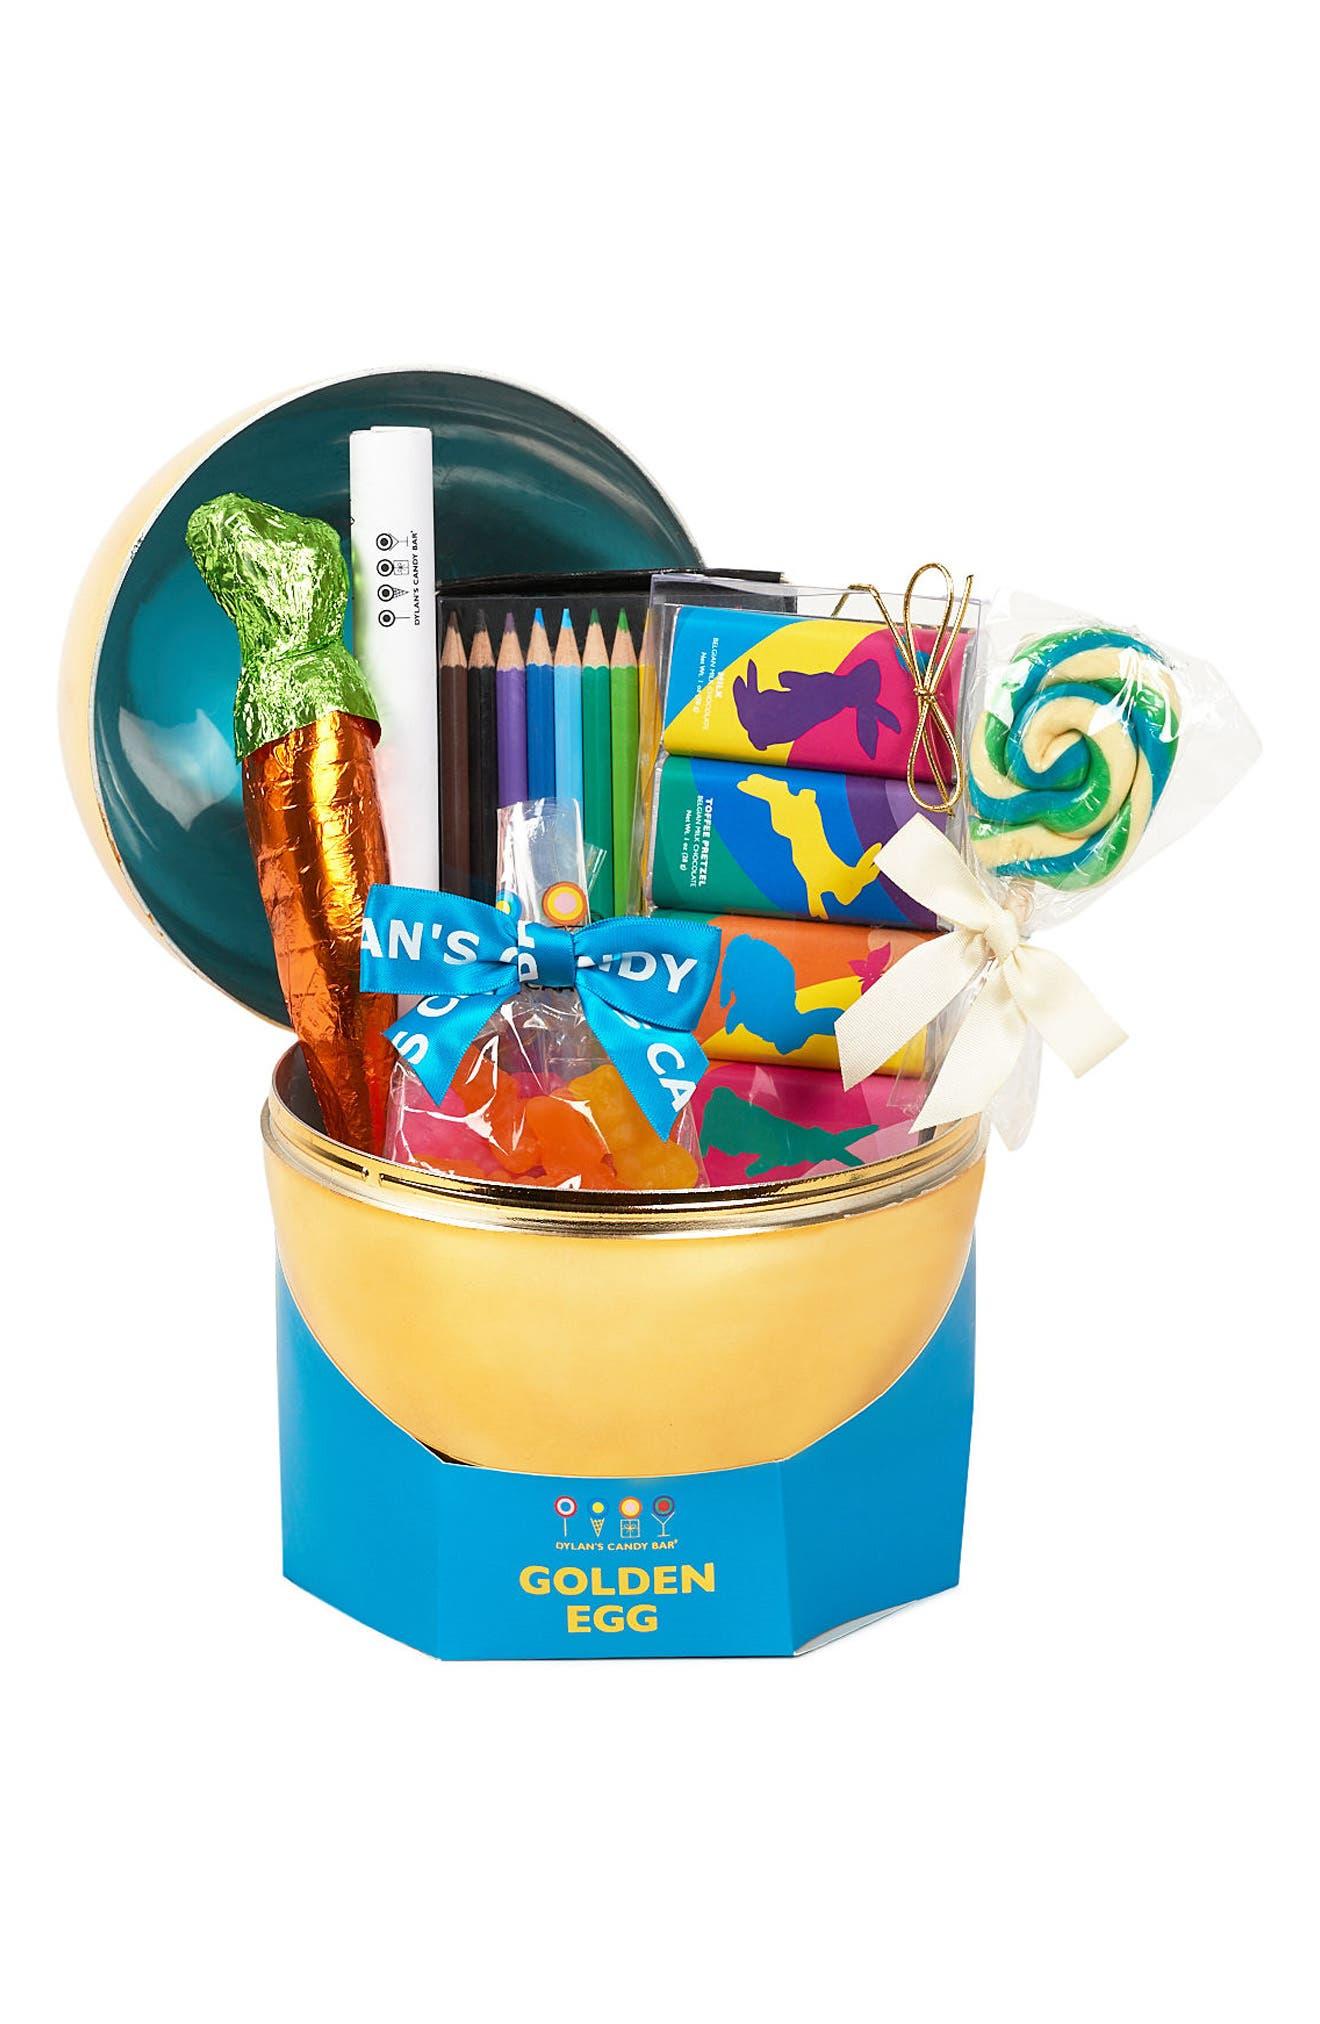 Dylan's Candy Bar Golden Egg Gift Basket